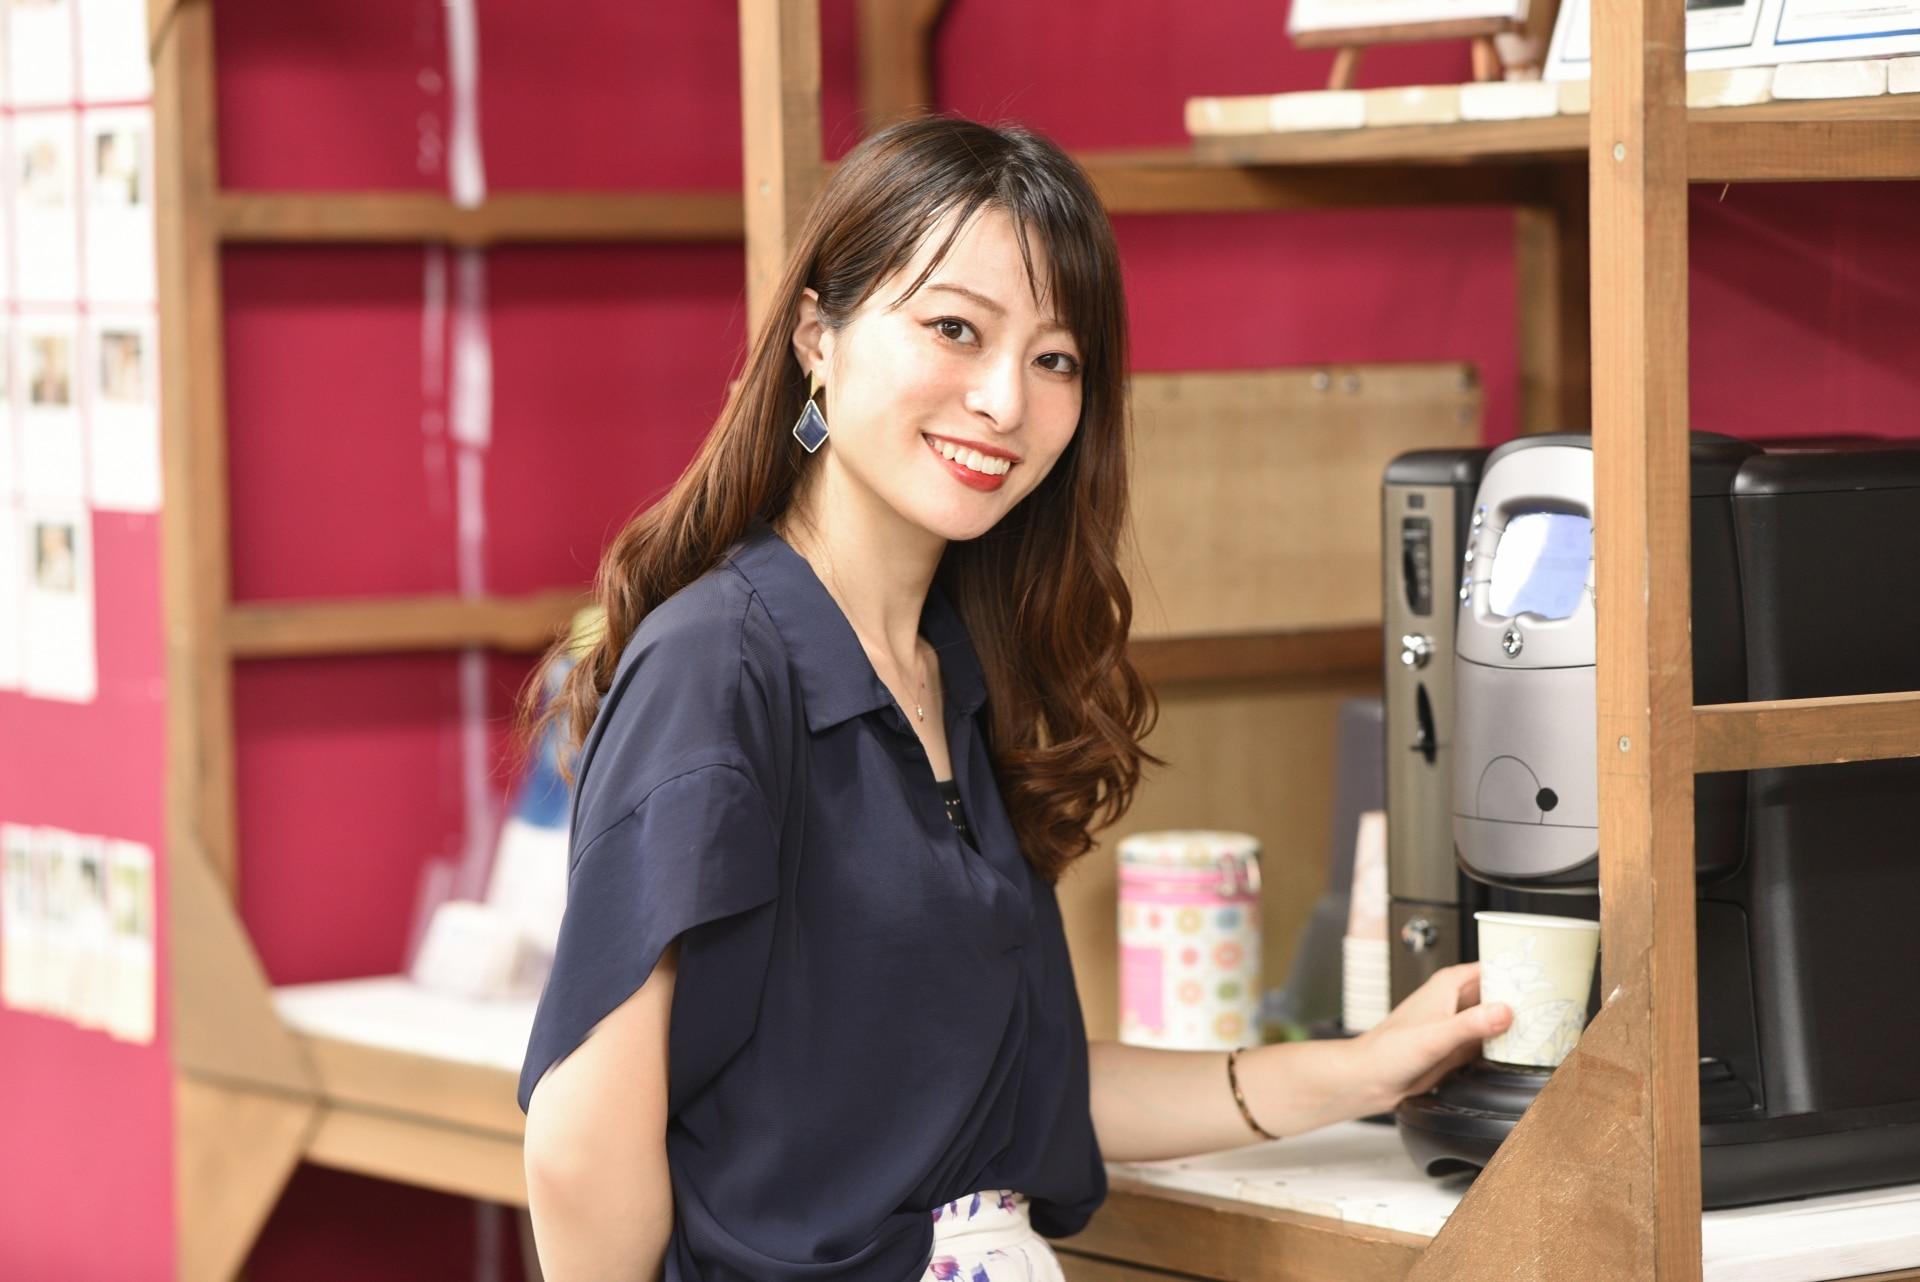 オフィスでコーヒーを入れる女性